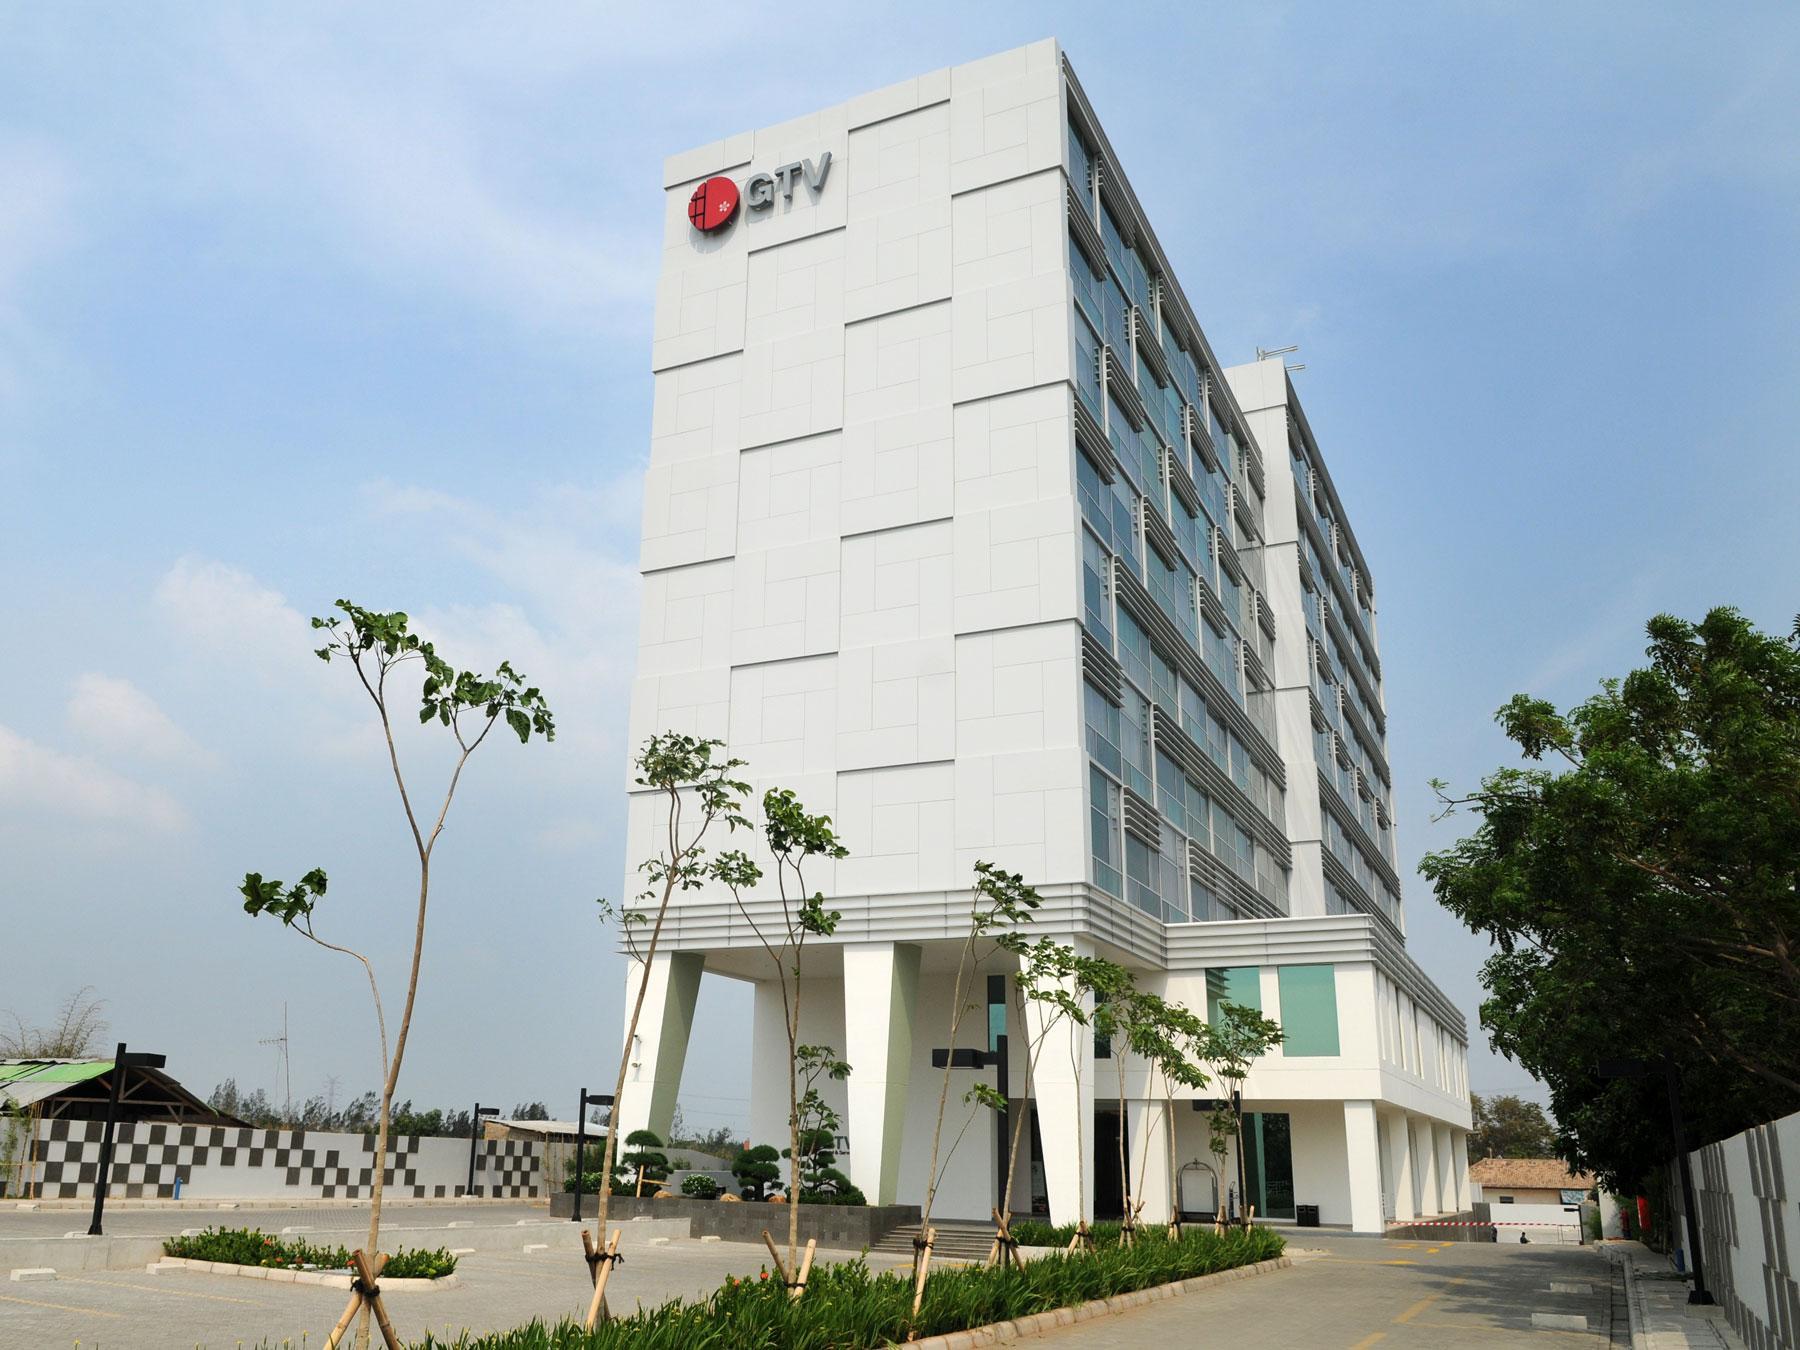 Gtv Hotel - Service Apartments Cikarang